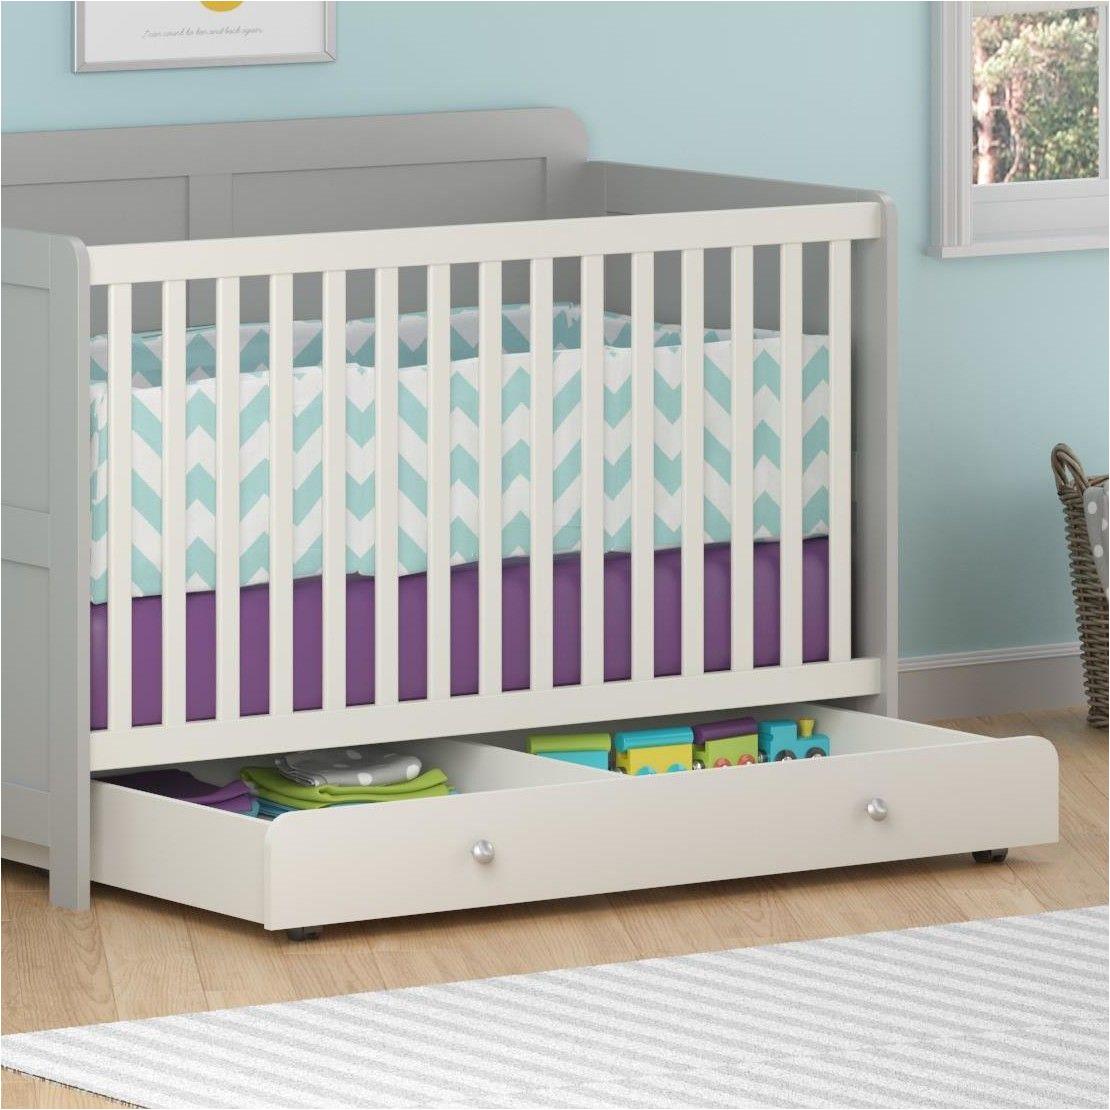 Baby Cribs with Storage Underneath Emerson Underbed Storage Drawer Baby organizing Pinterest